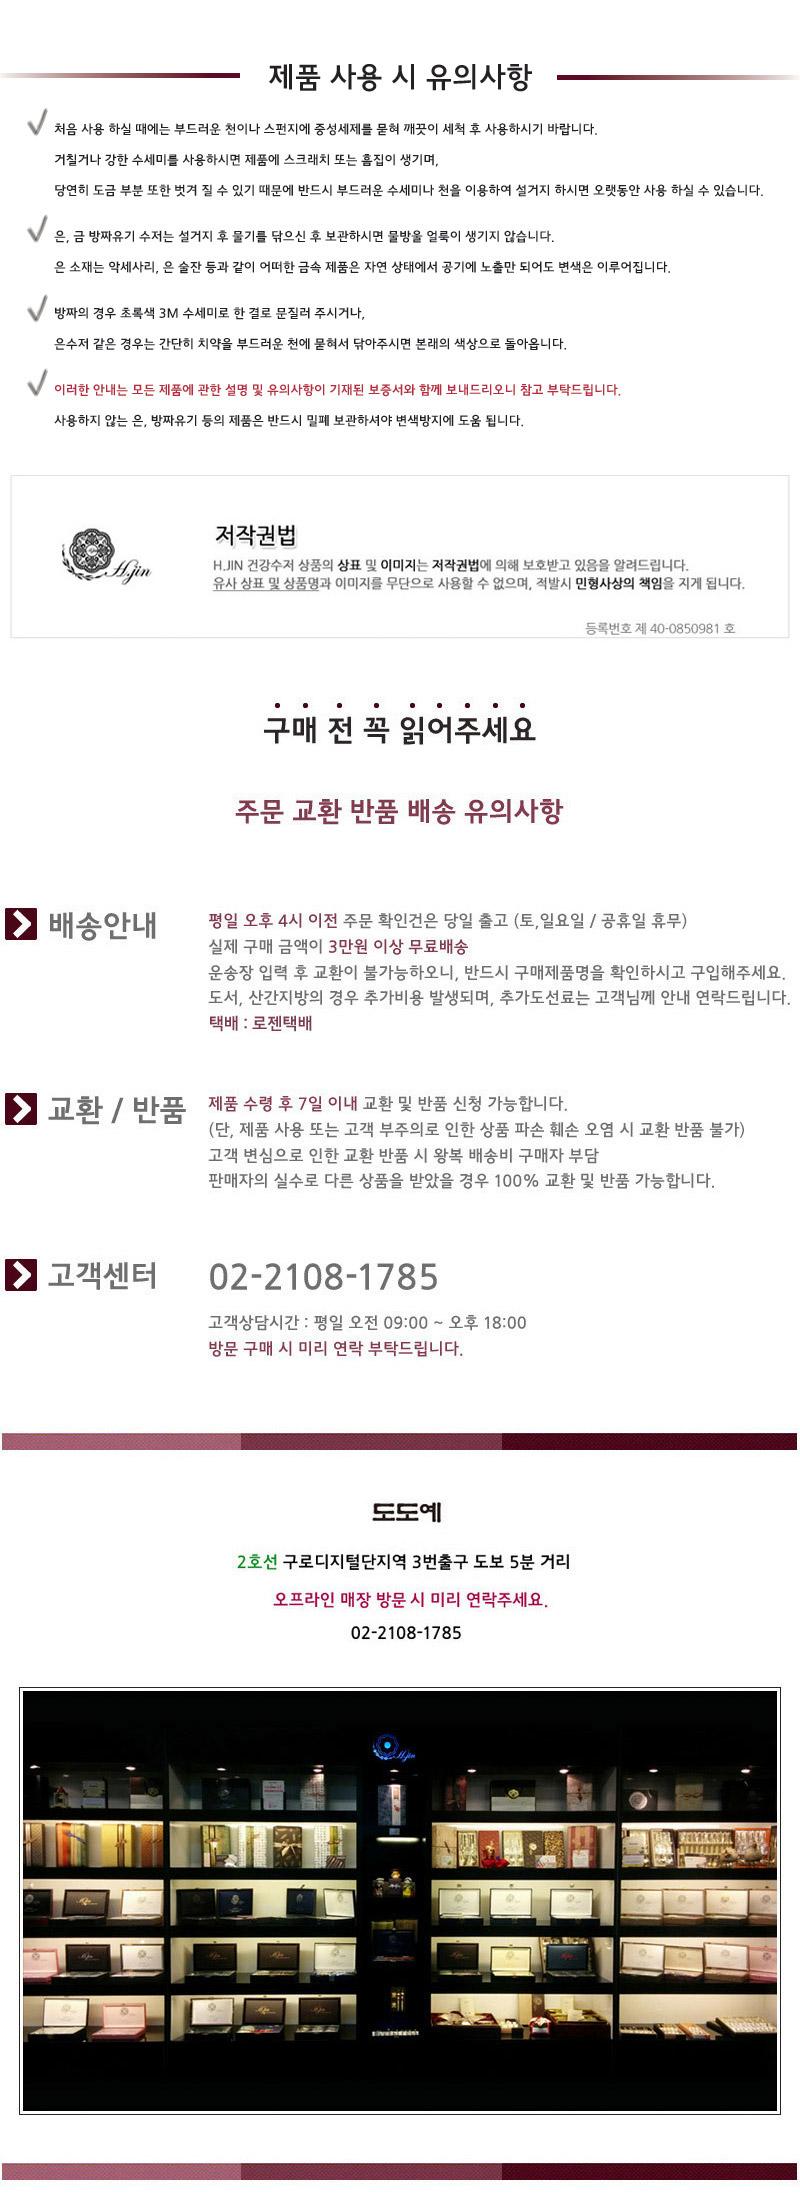 H.jin 은상감조각 방짜유기수저세트 - 에이치진, 238,800원, 숟가락/젓가락/스틱, 숟가락/젓가락 세트